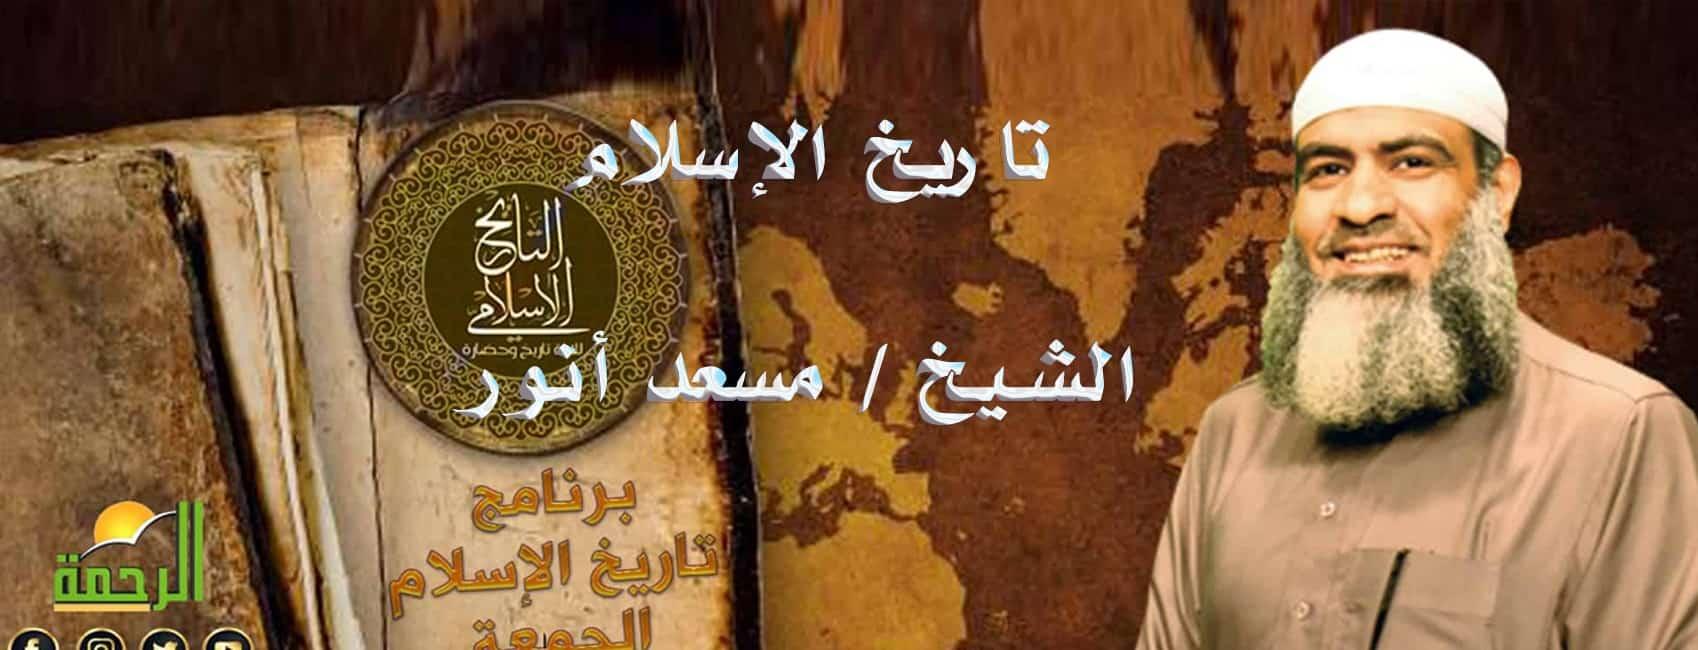 تاريخ الإسلام فضيلة الشيخ مسعد أنور